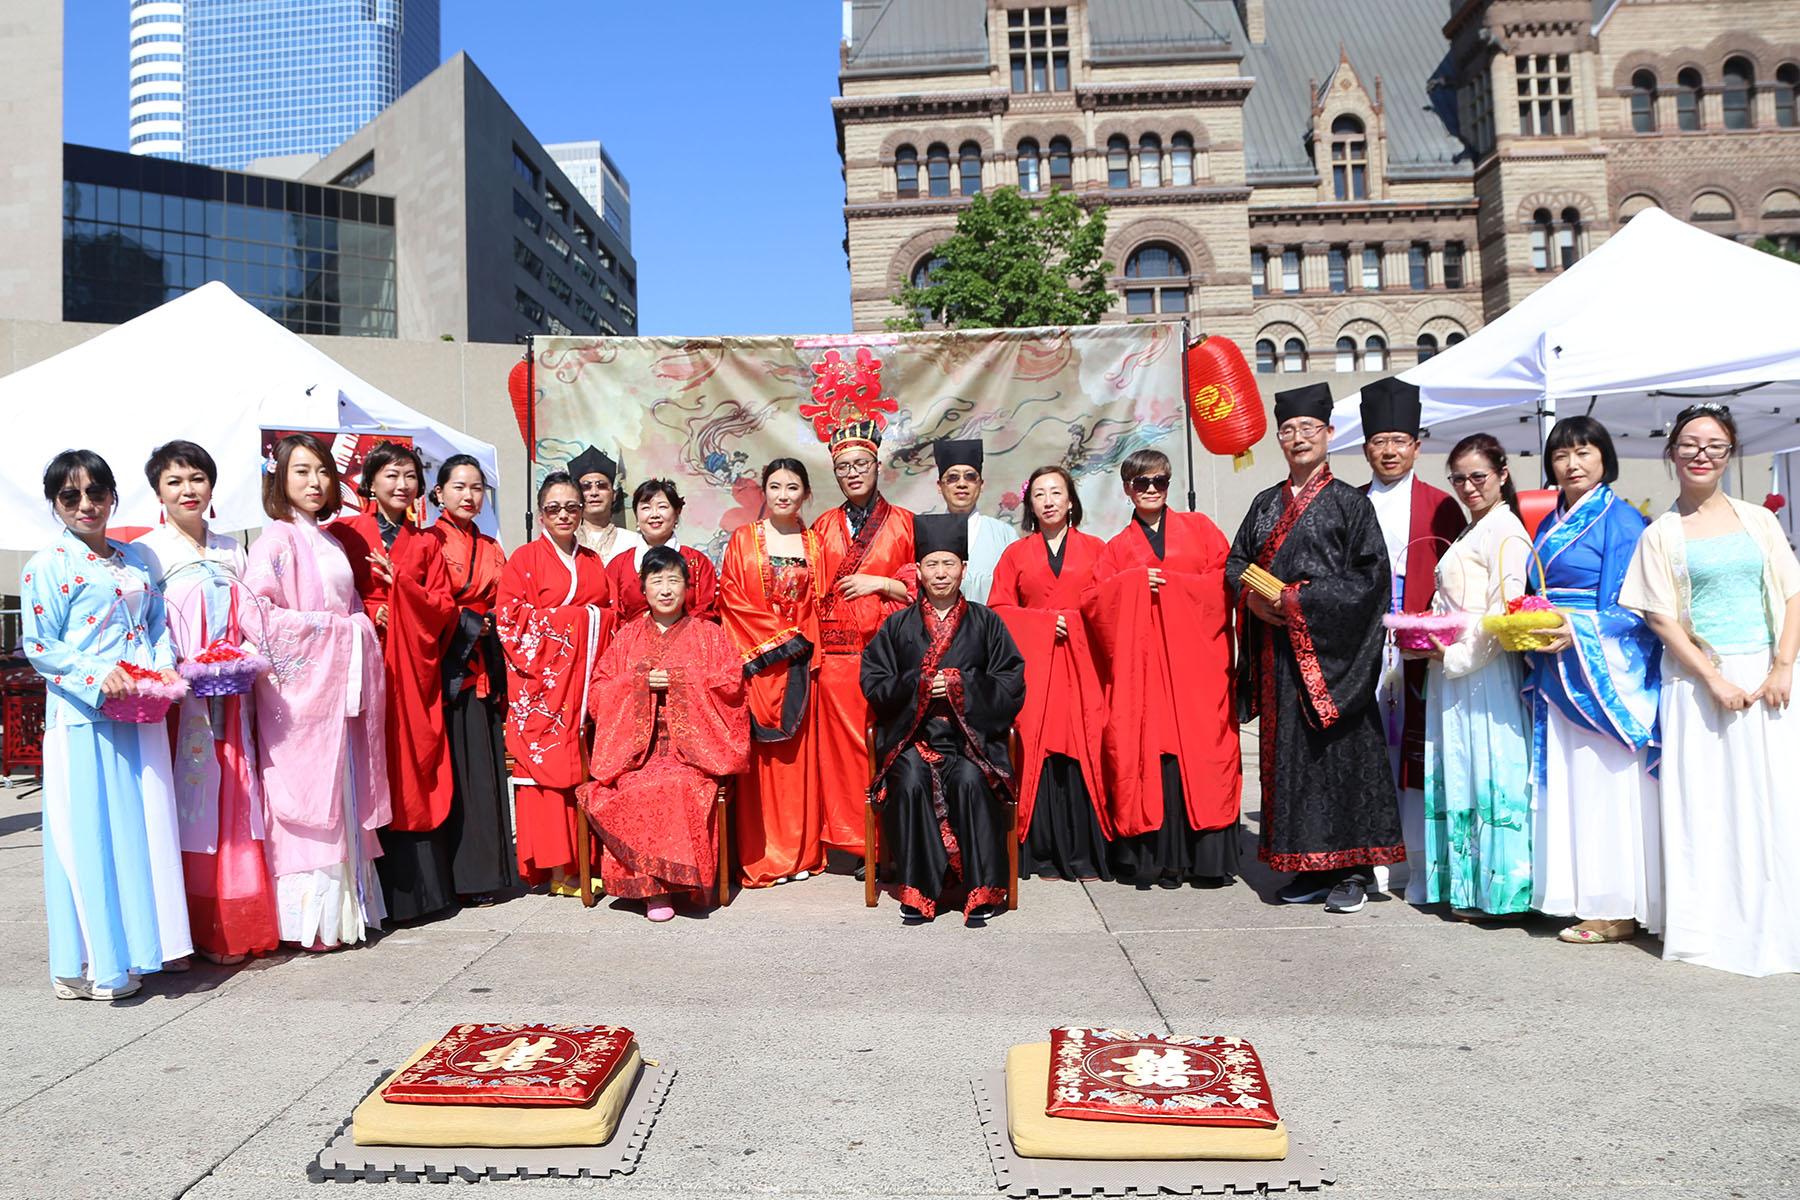 首届多伦多中国文化节(Toronto Dragon Festival)